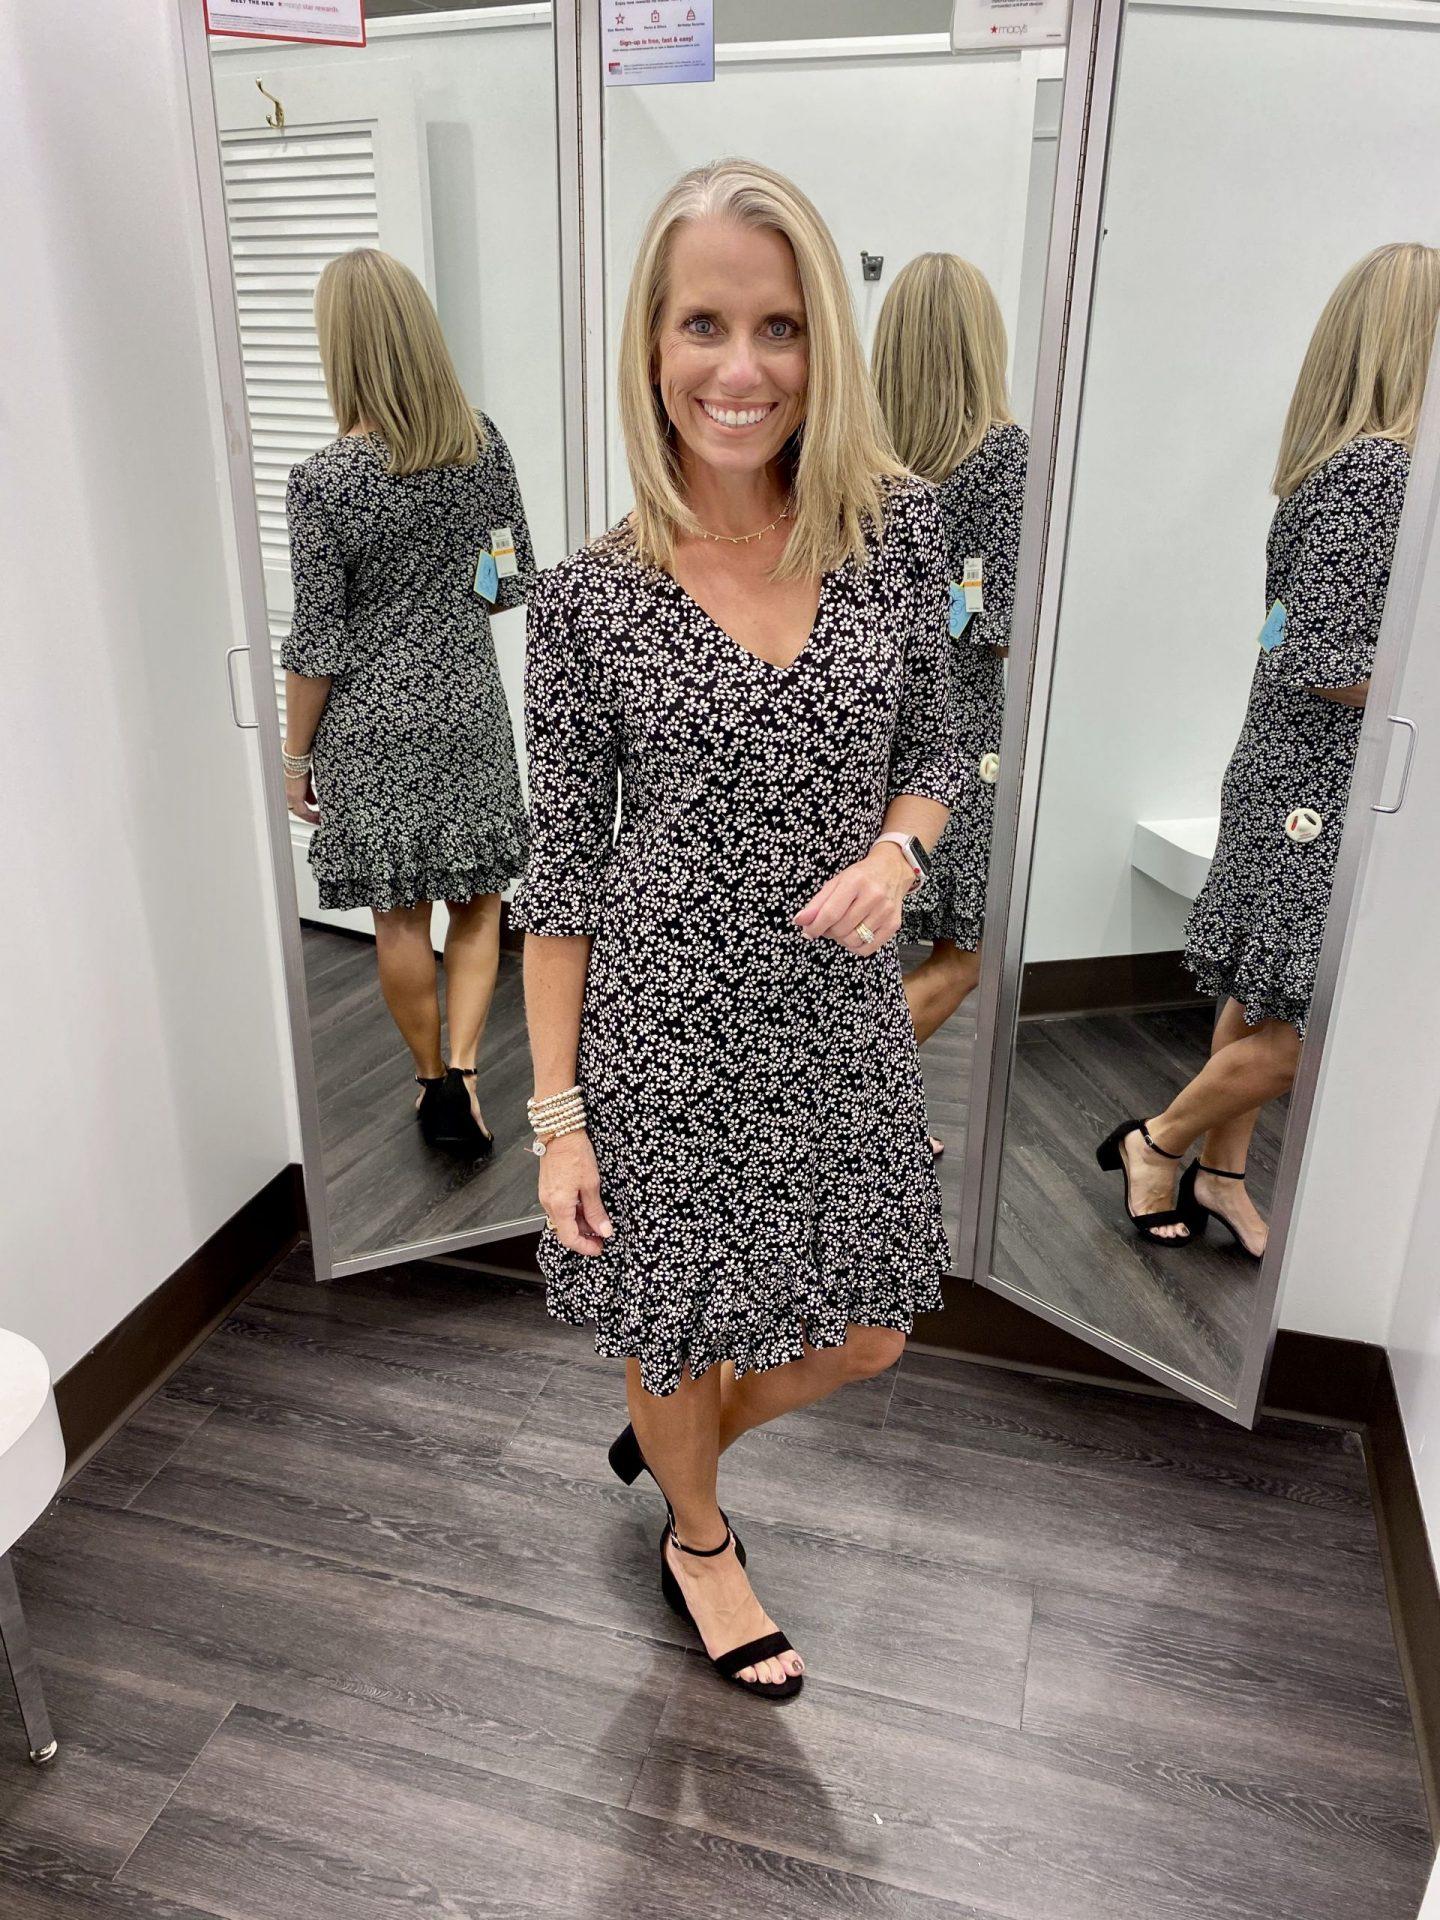 CeCe dress from Macy's